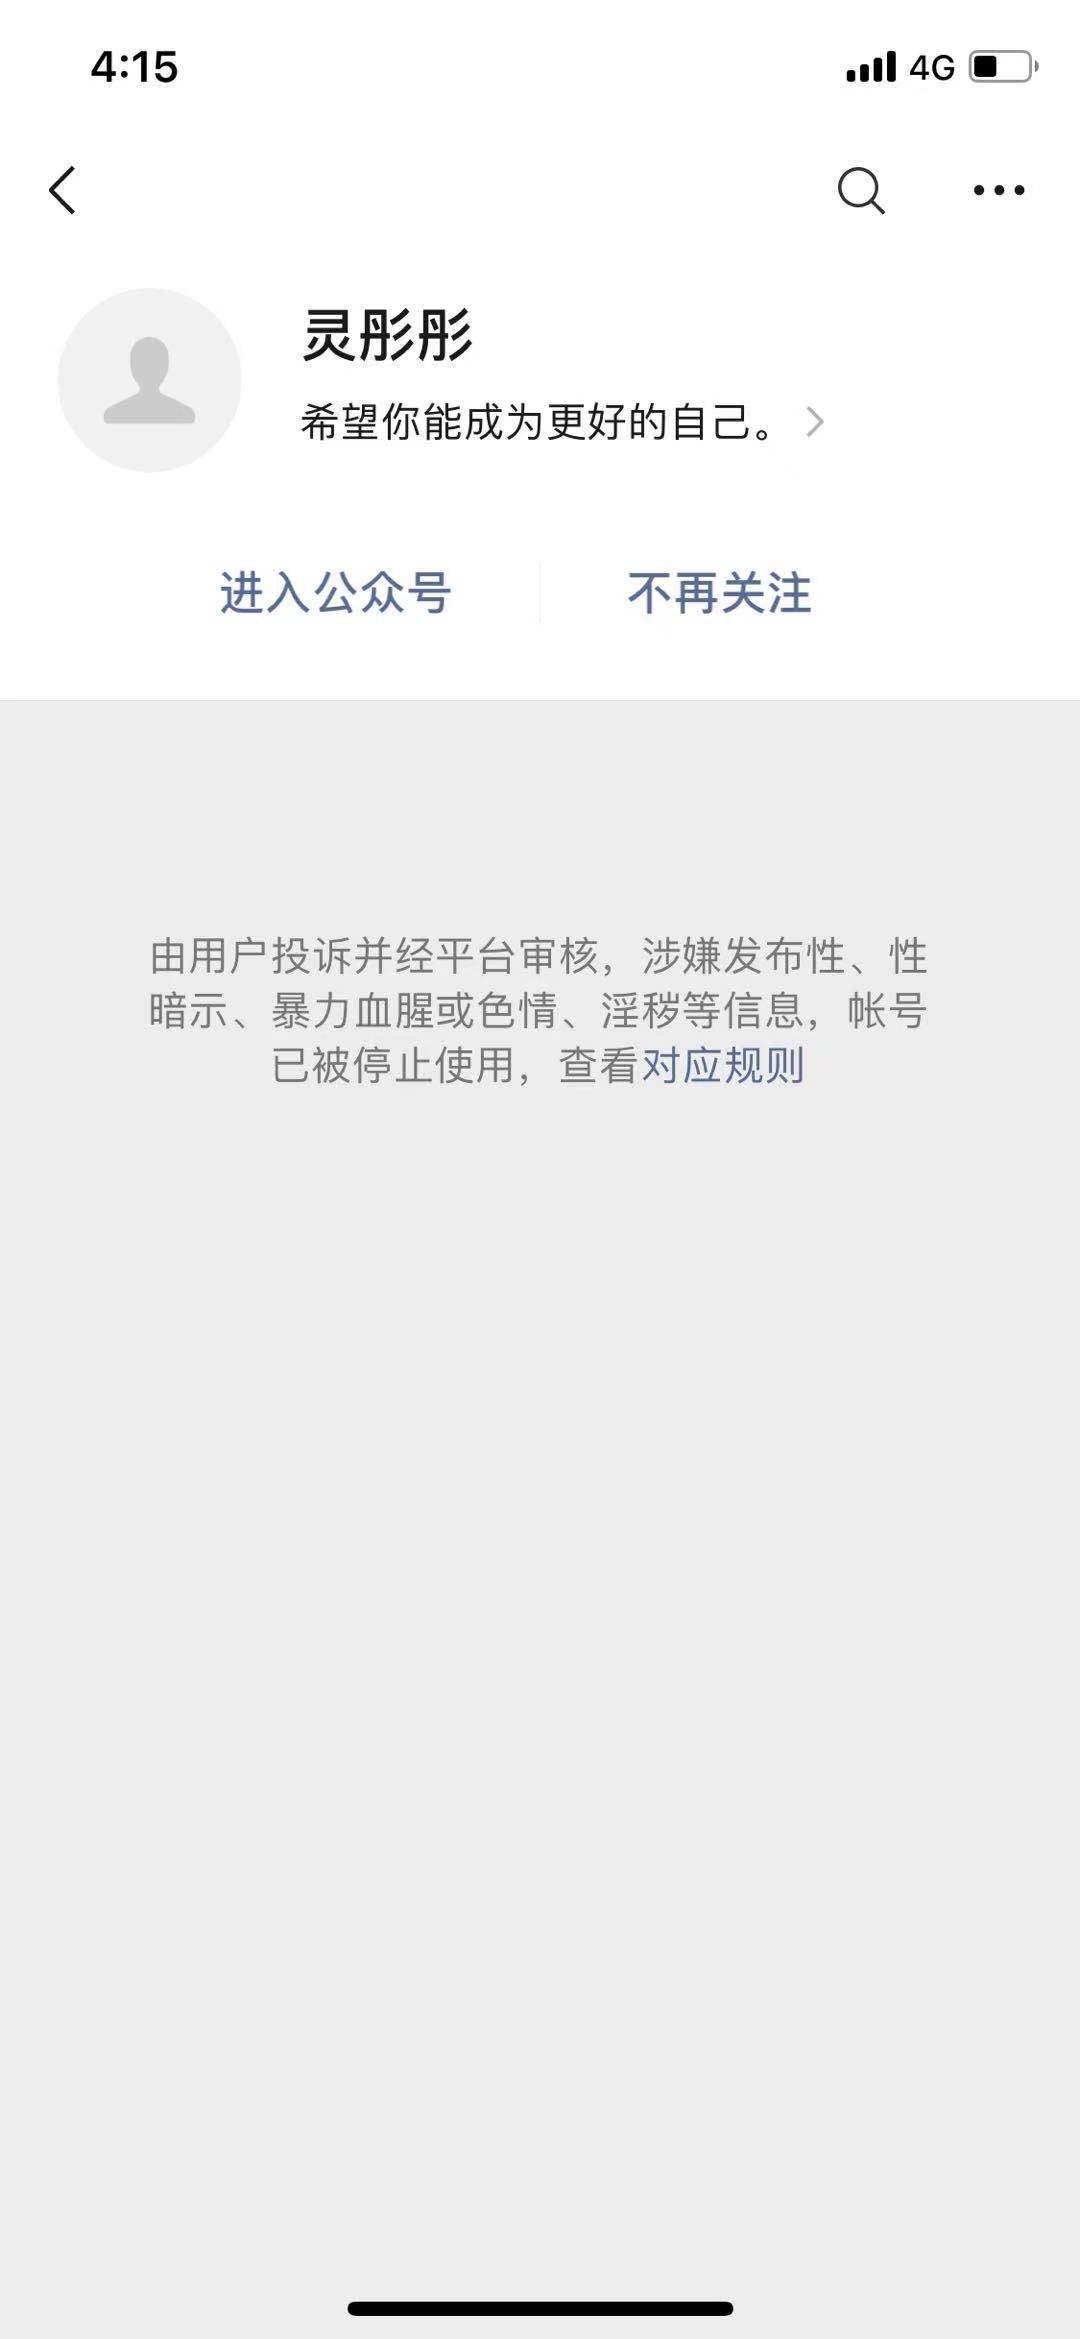 灵彤彤微信公众账号微信页面显示已停用